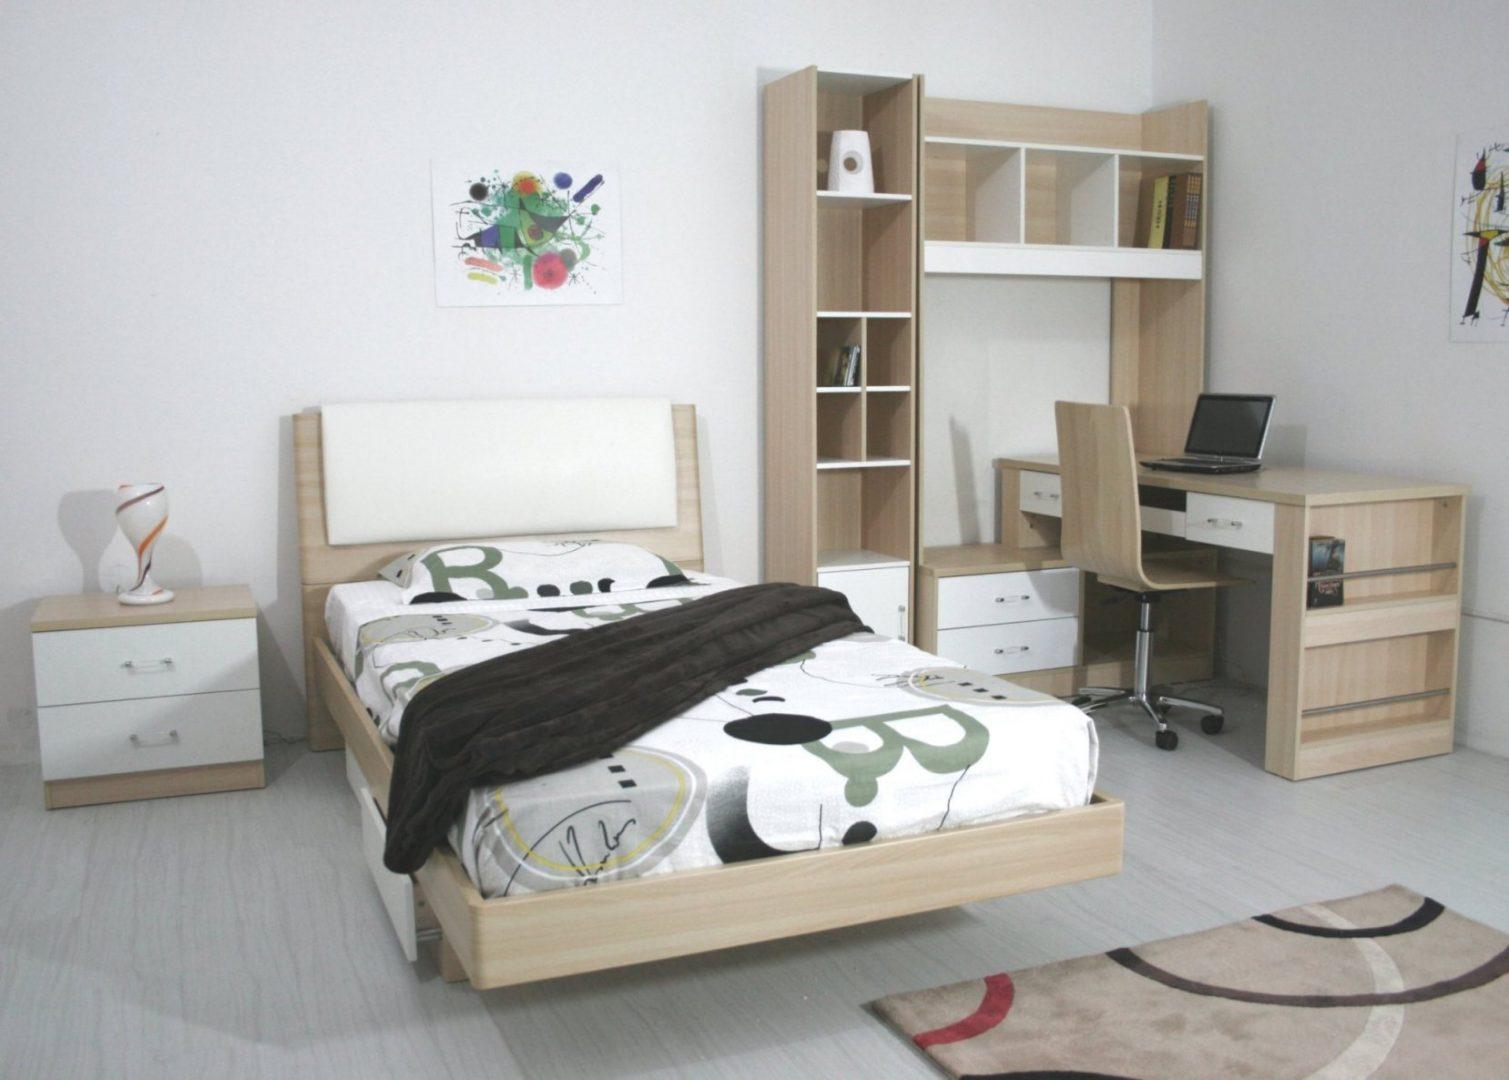 Muebles clásicos para una habitación juvenil  Imágenes y fotos